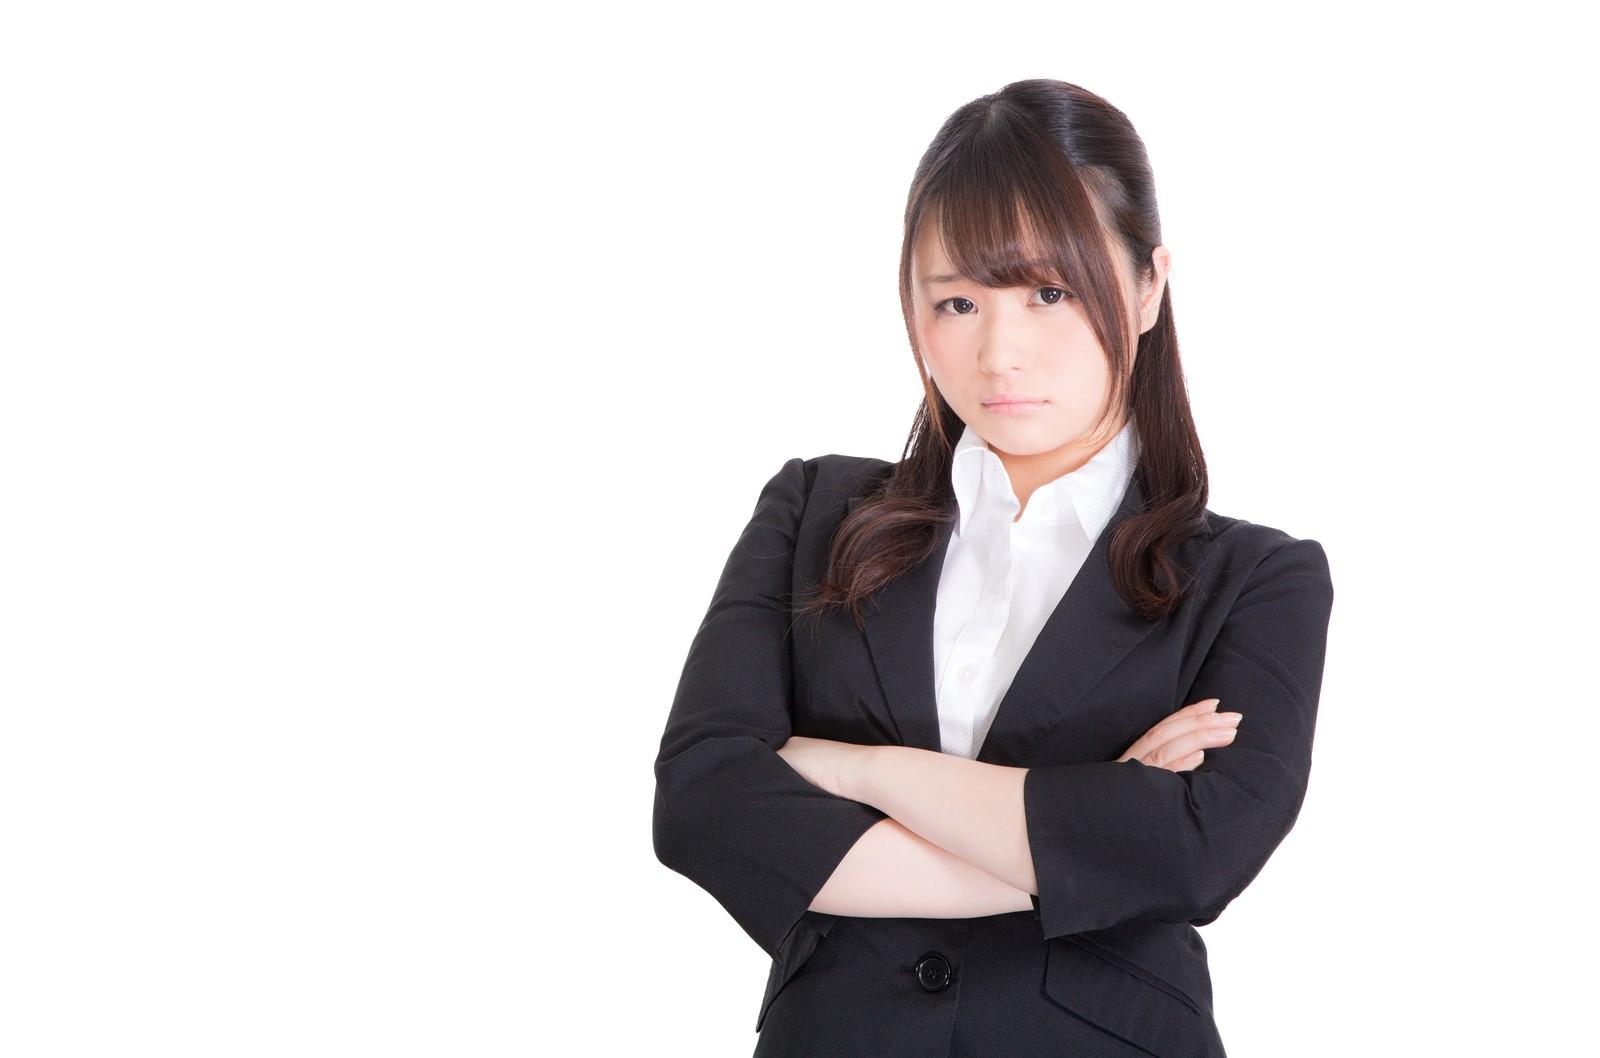 社会保険労務士の難易度~合格率・受験資格・試験内容